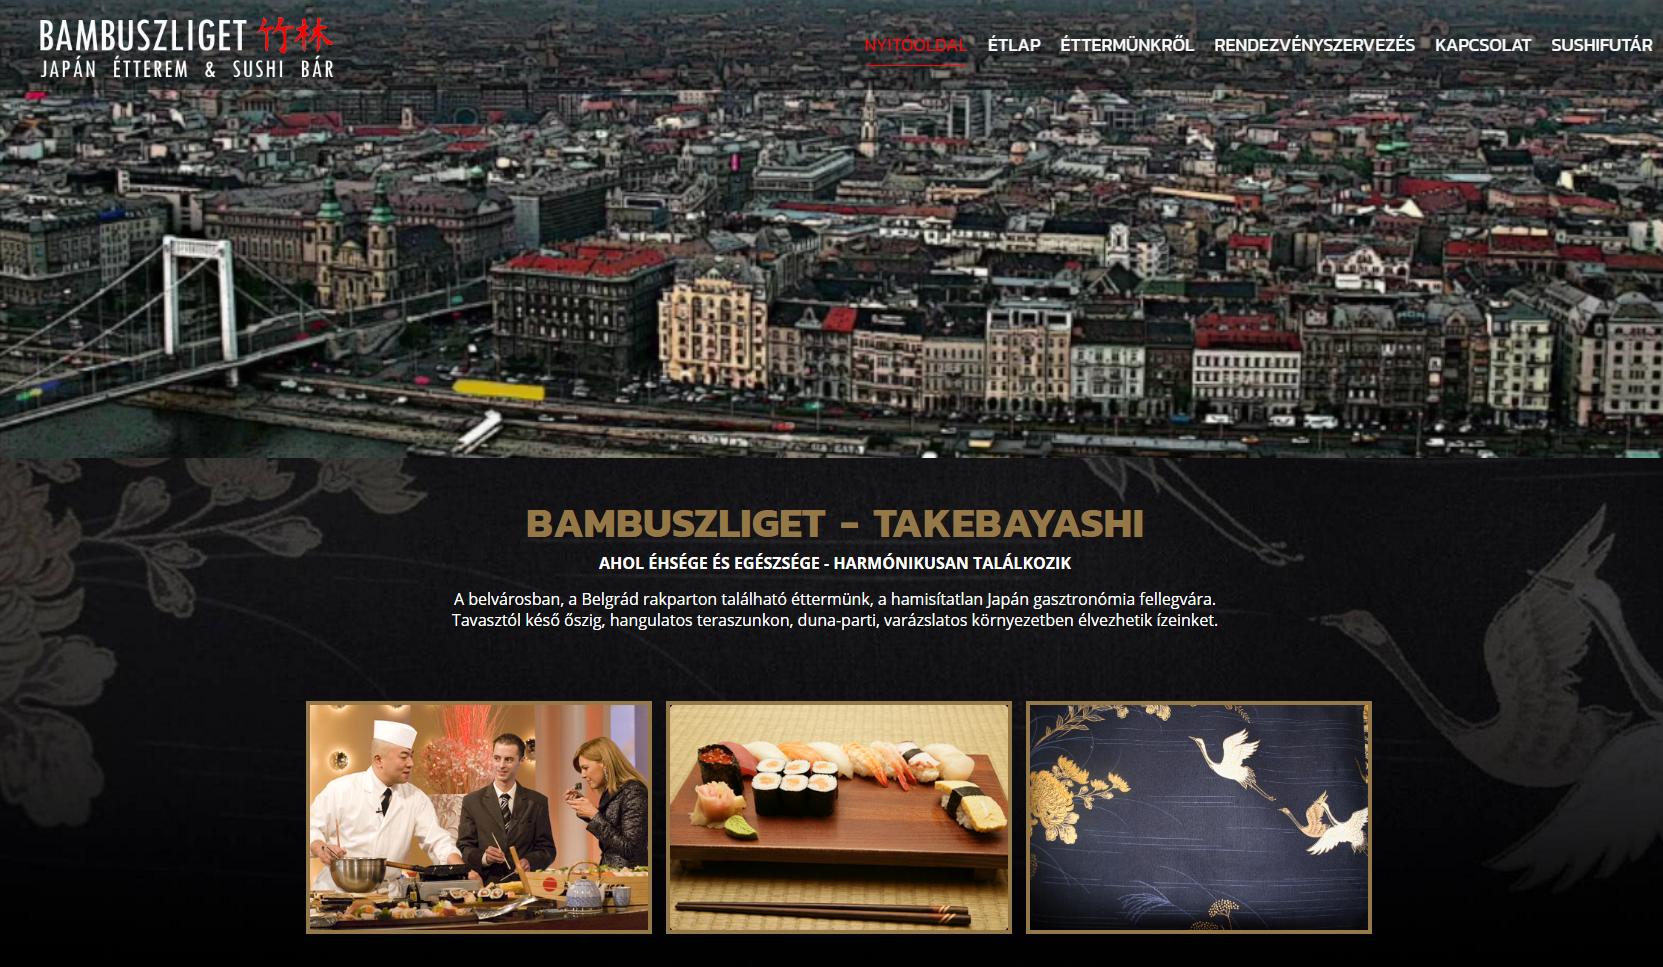 Bambuszliget – Japán Étterem és Sushi Bár-001